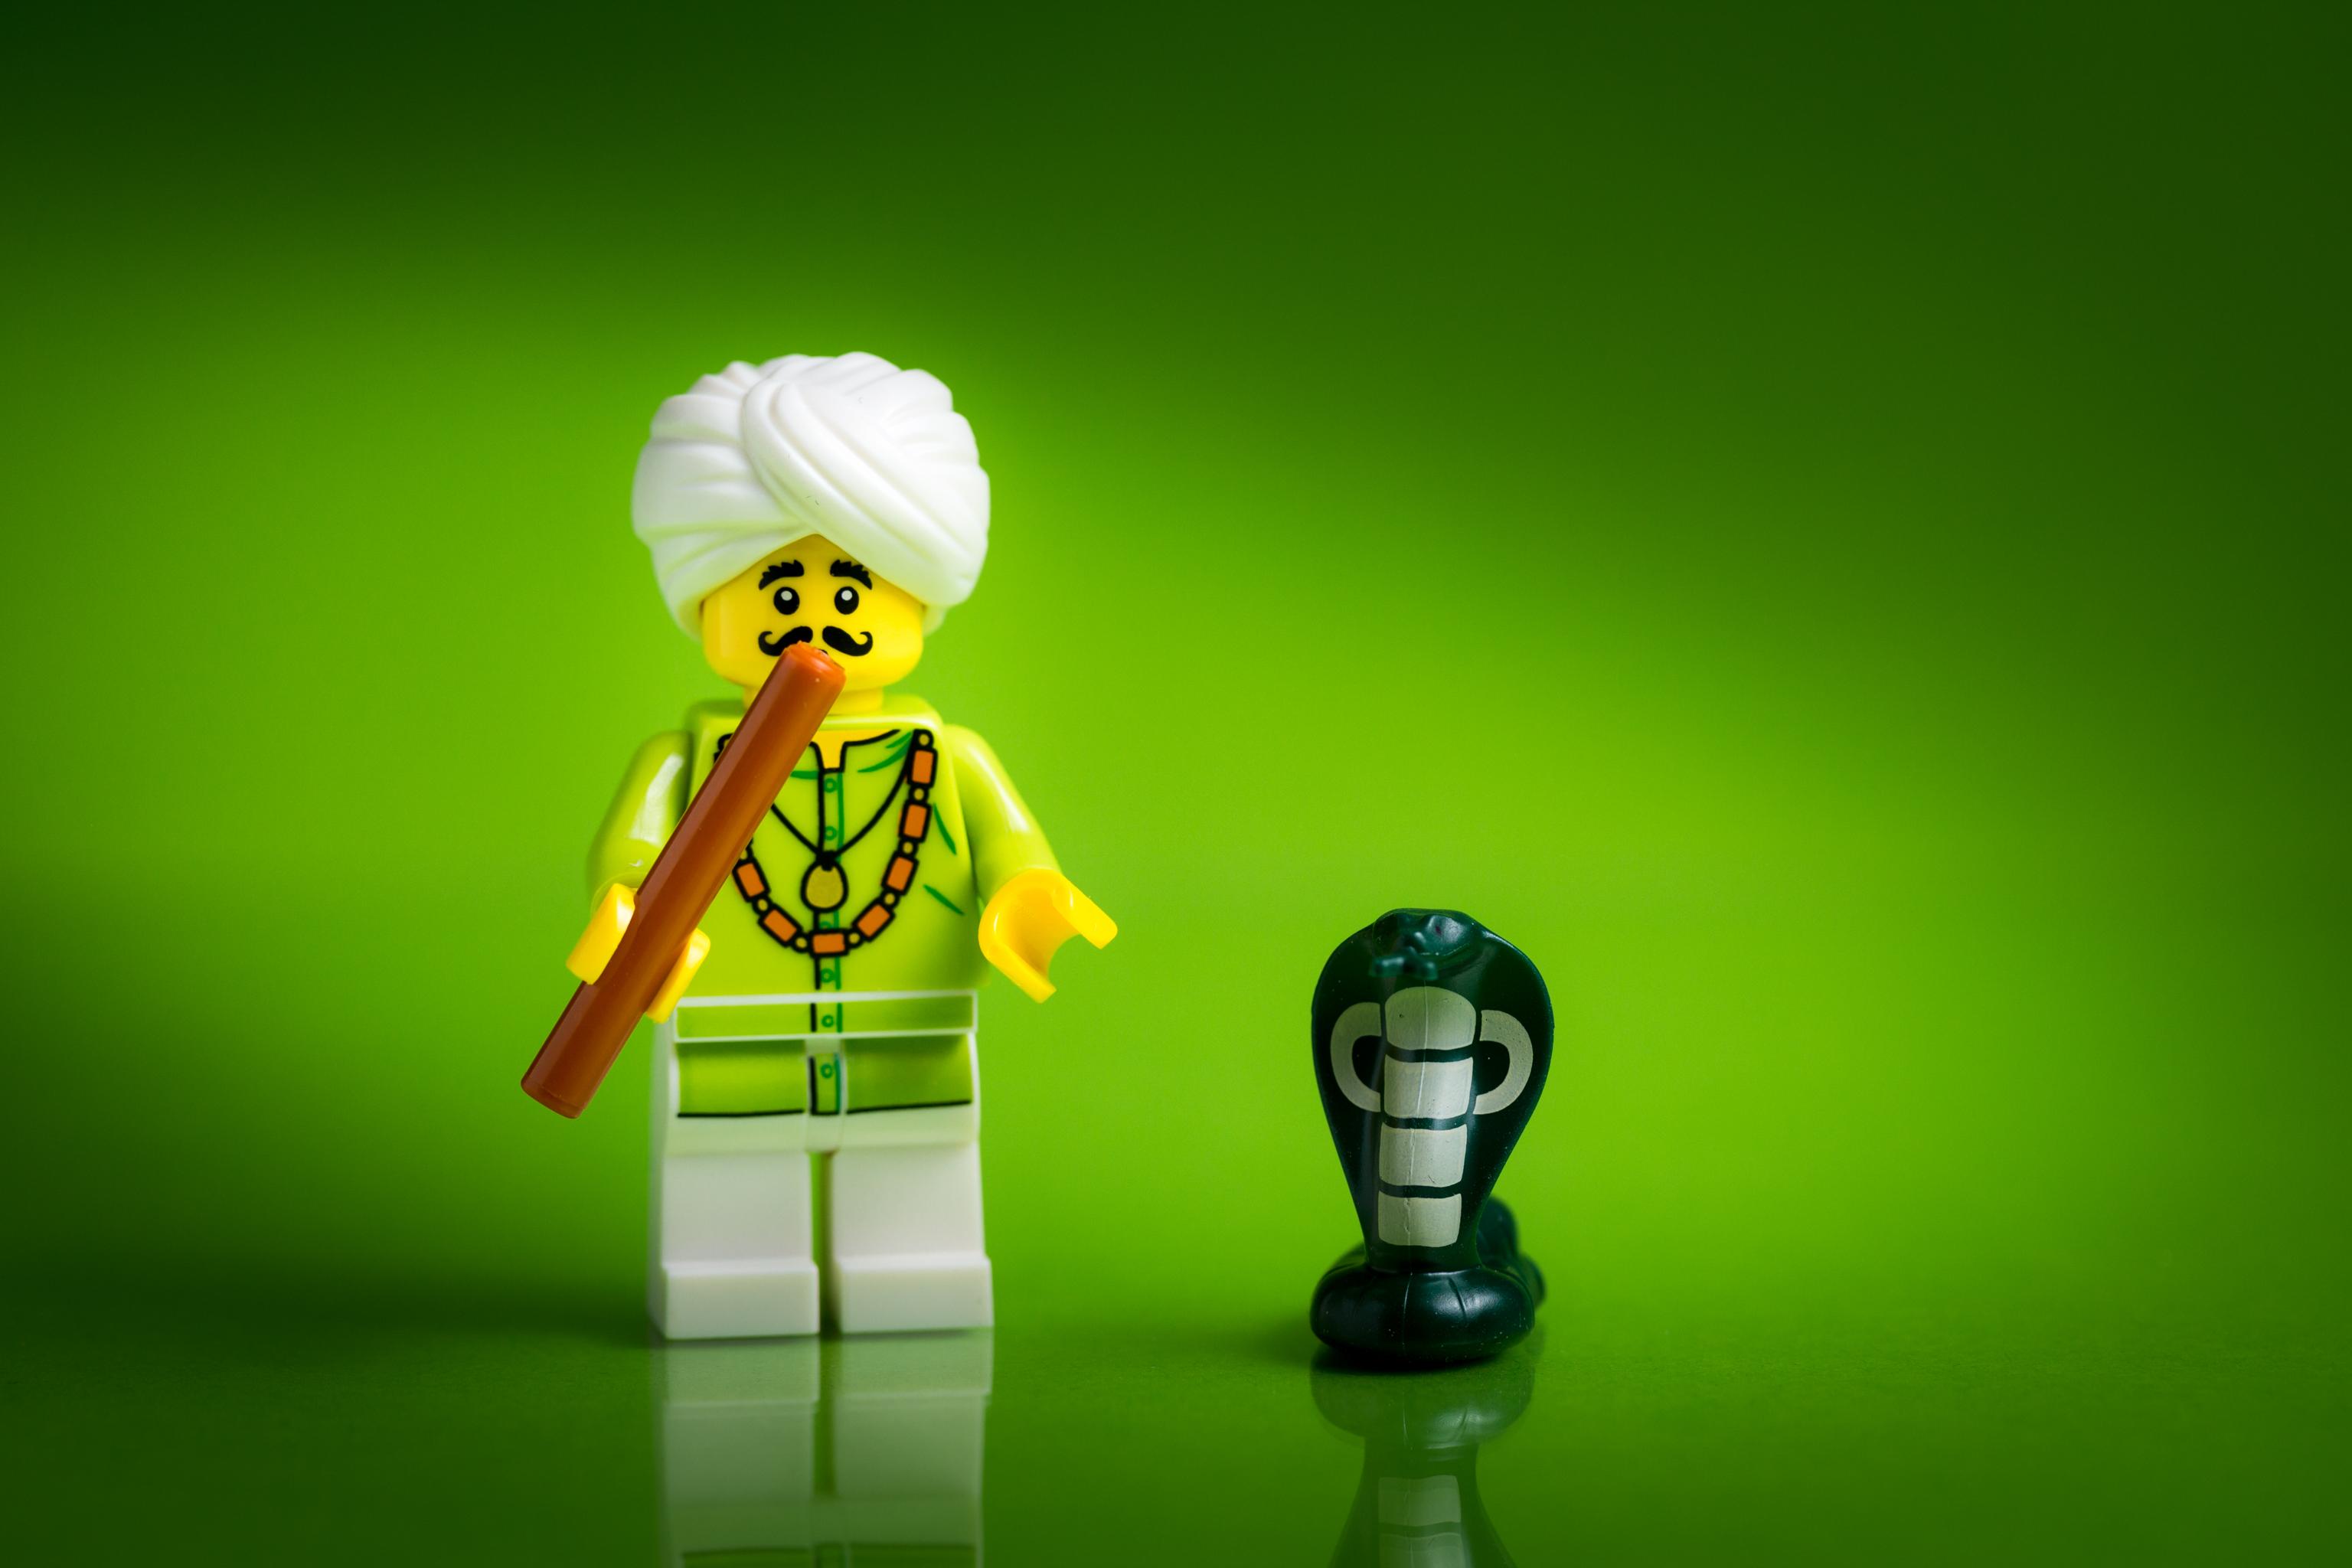 Sfondi Verde Giallo Giocattolo Fotografia Macro Lego Figurina